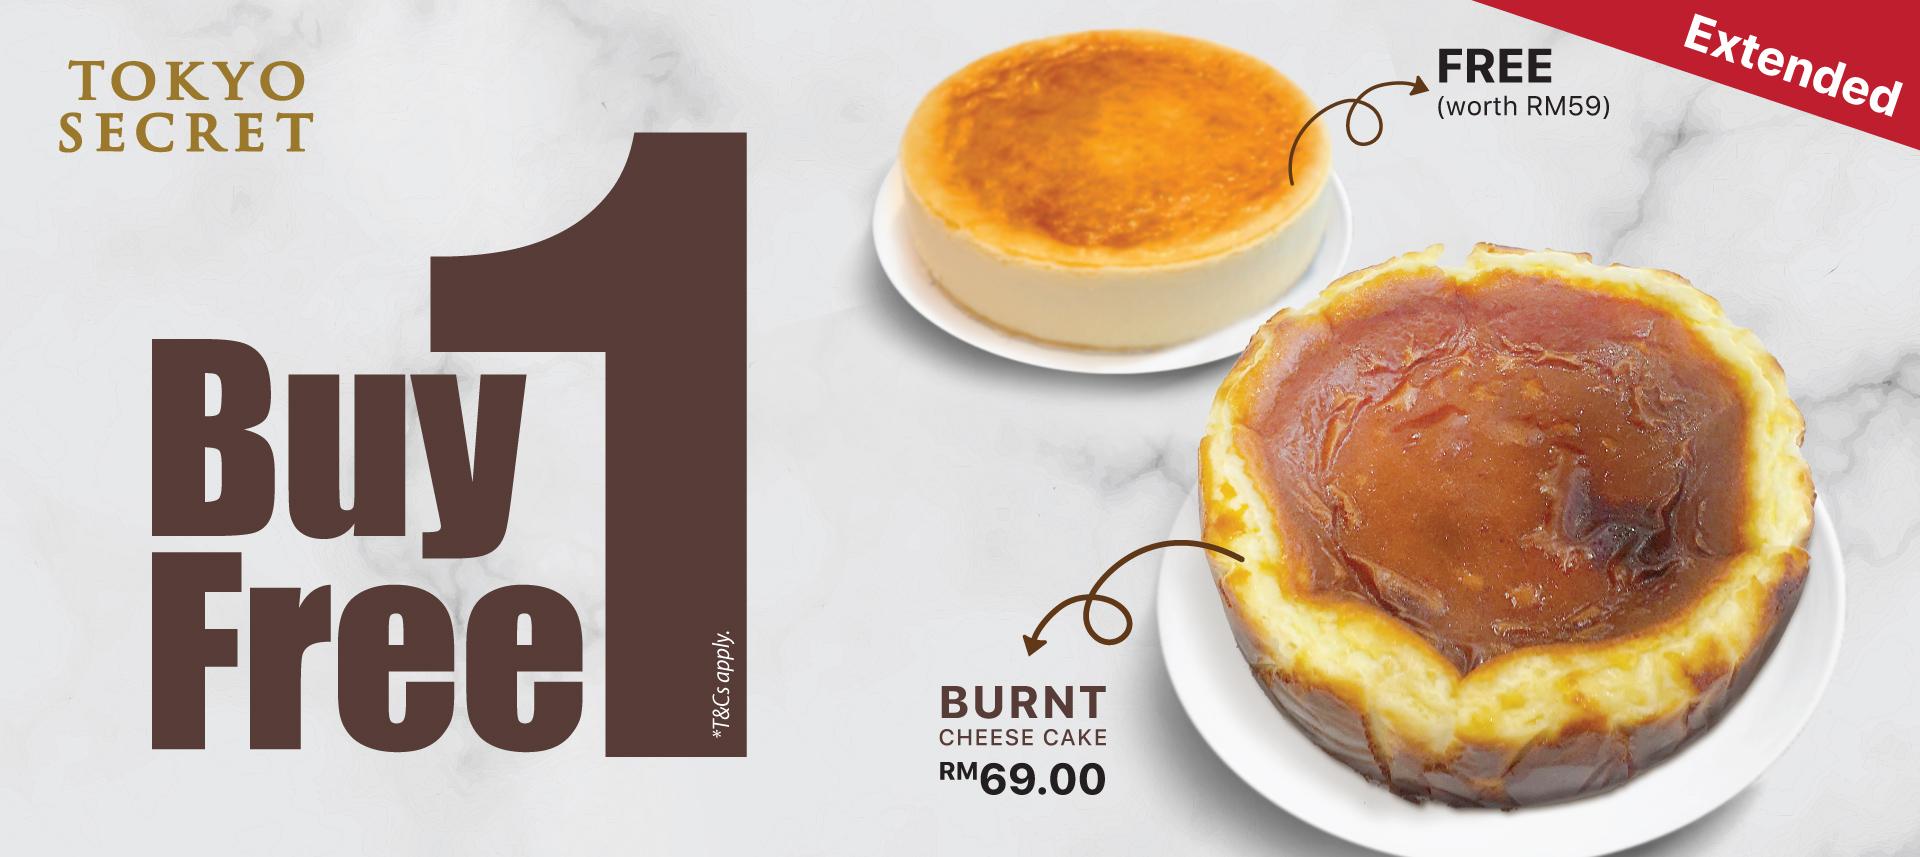 20210629_TS_Burnt_cheesecake_web